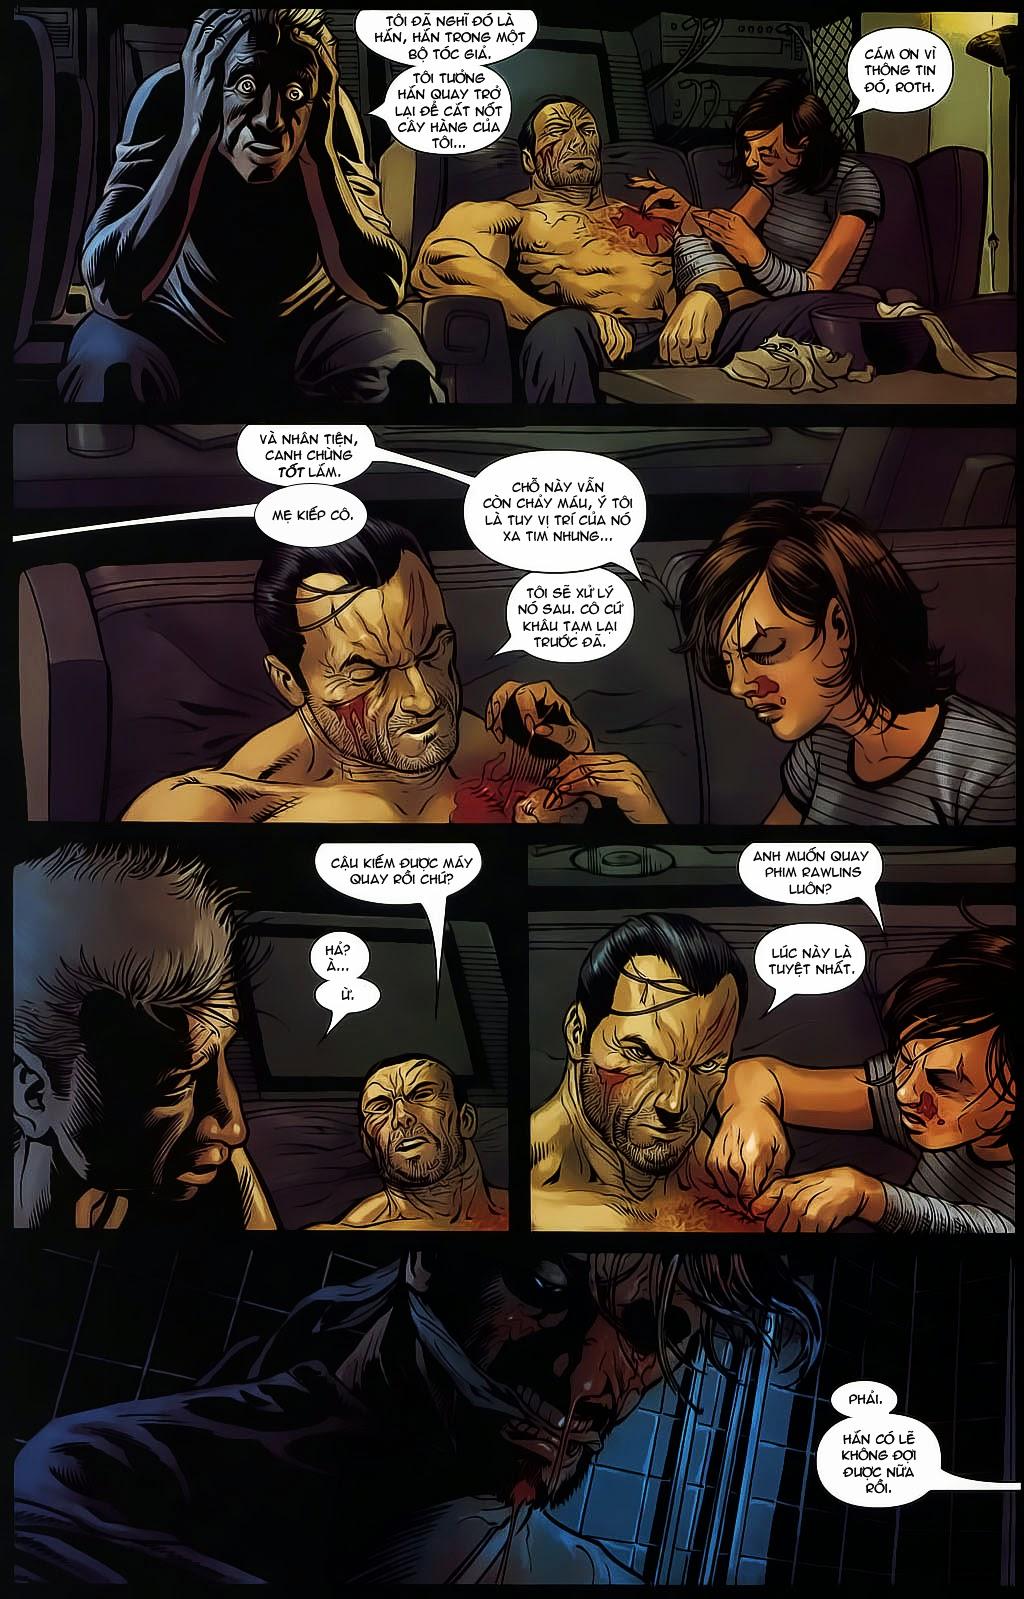 The Punisher: Trên là Dưới & Trắng là Đen chap 6 - Trang 12